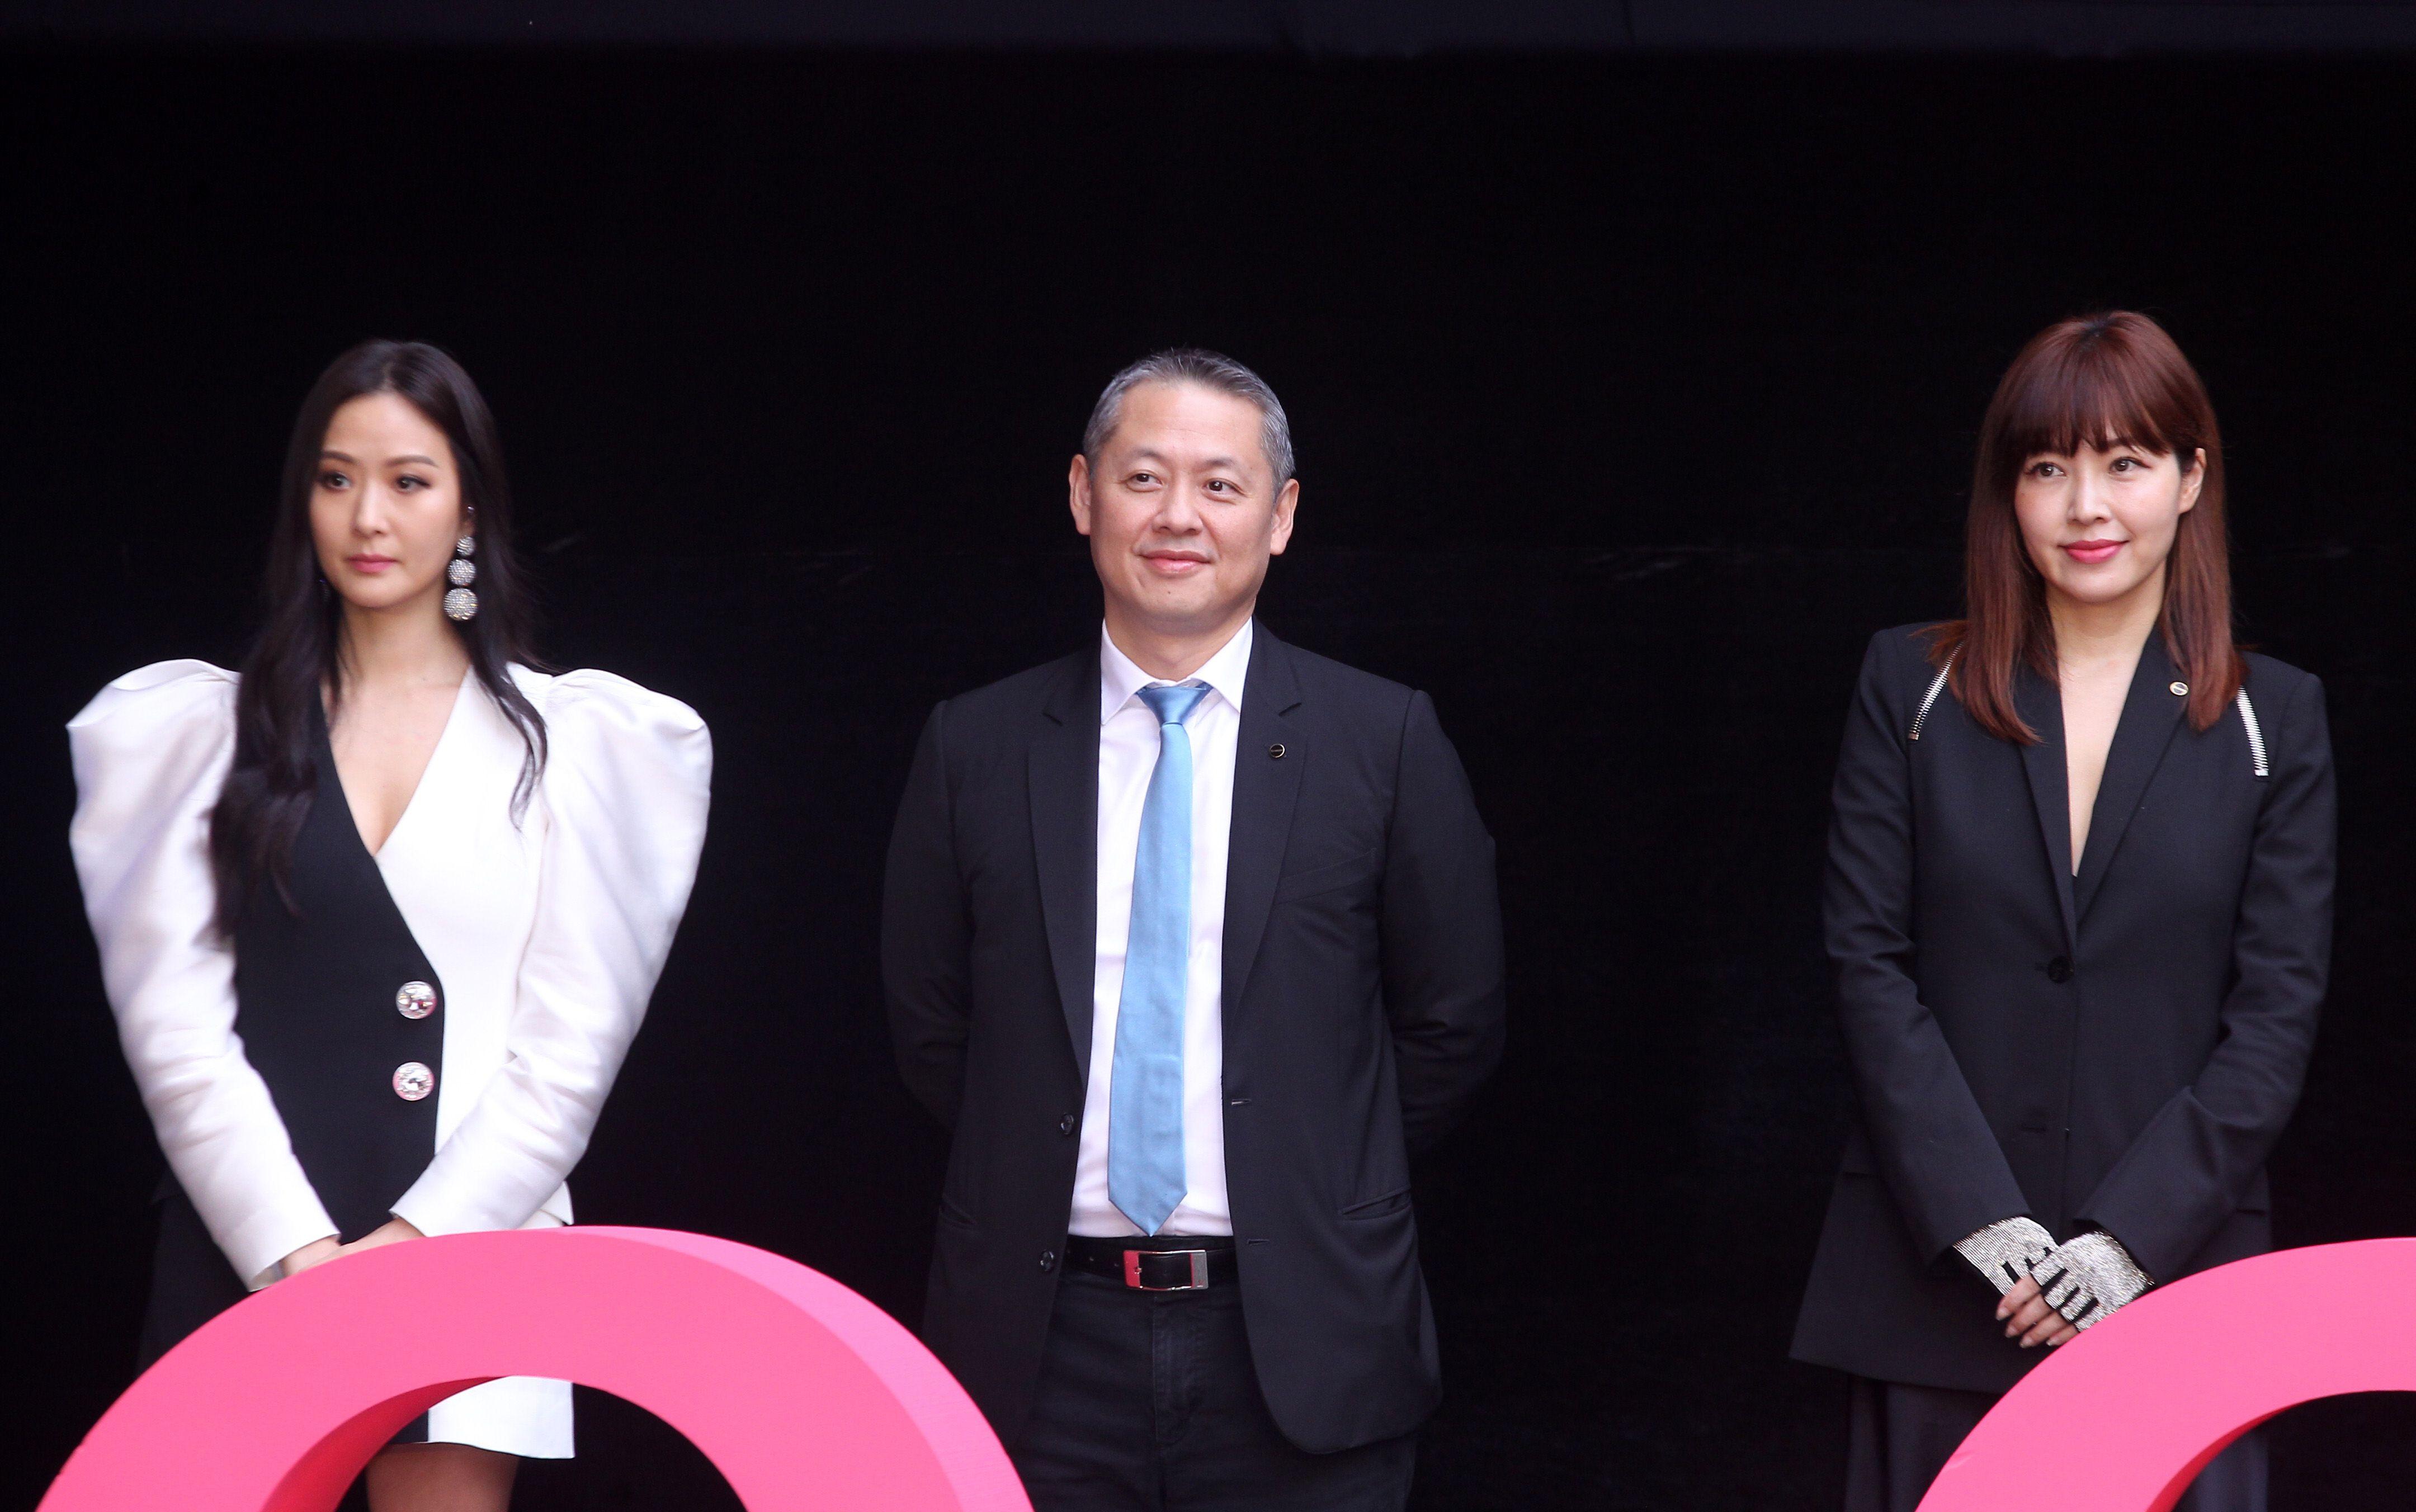 微風董事長廖鎮漢(中)孫芸芸(左)廖曉喬(右)。(記者邱榮吉/攝影)